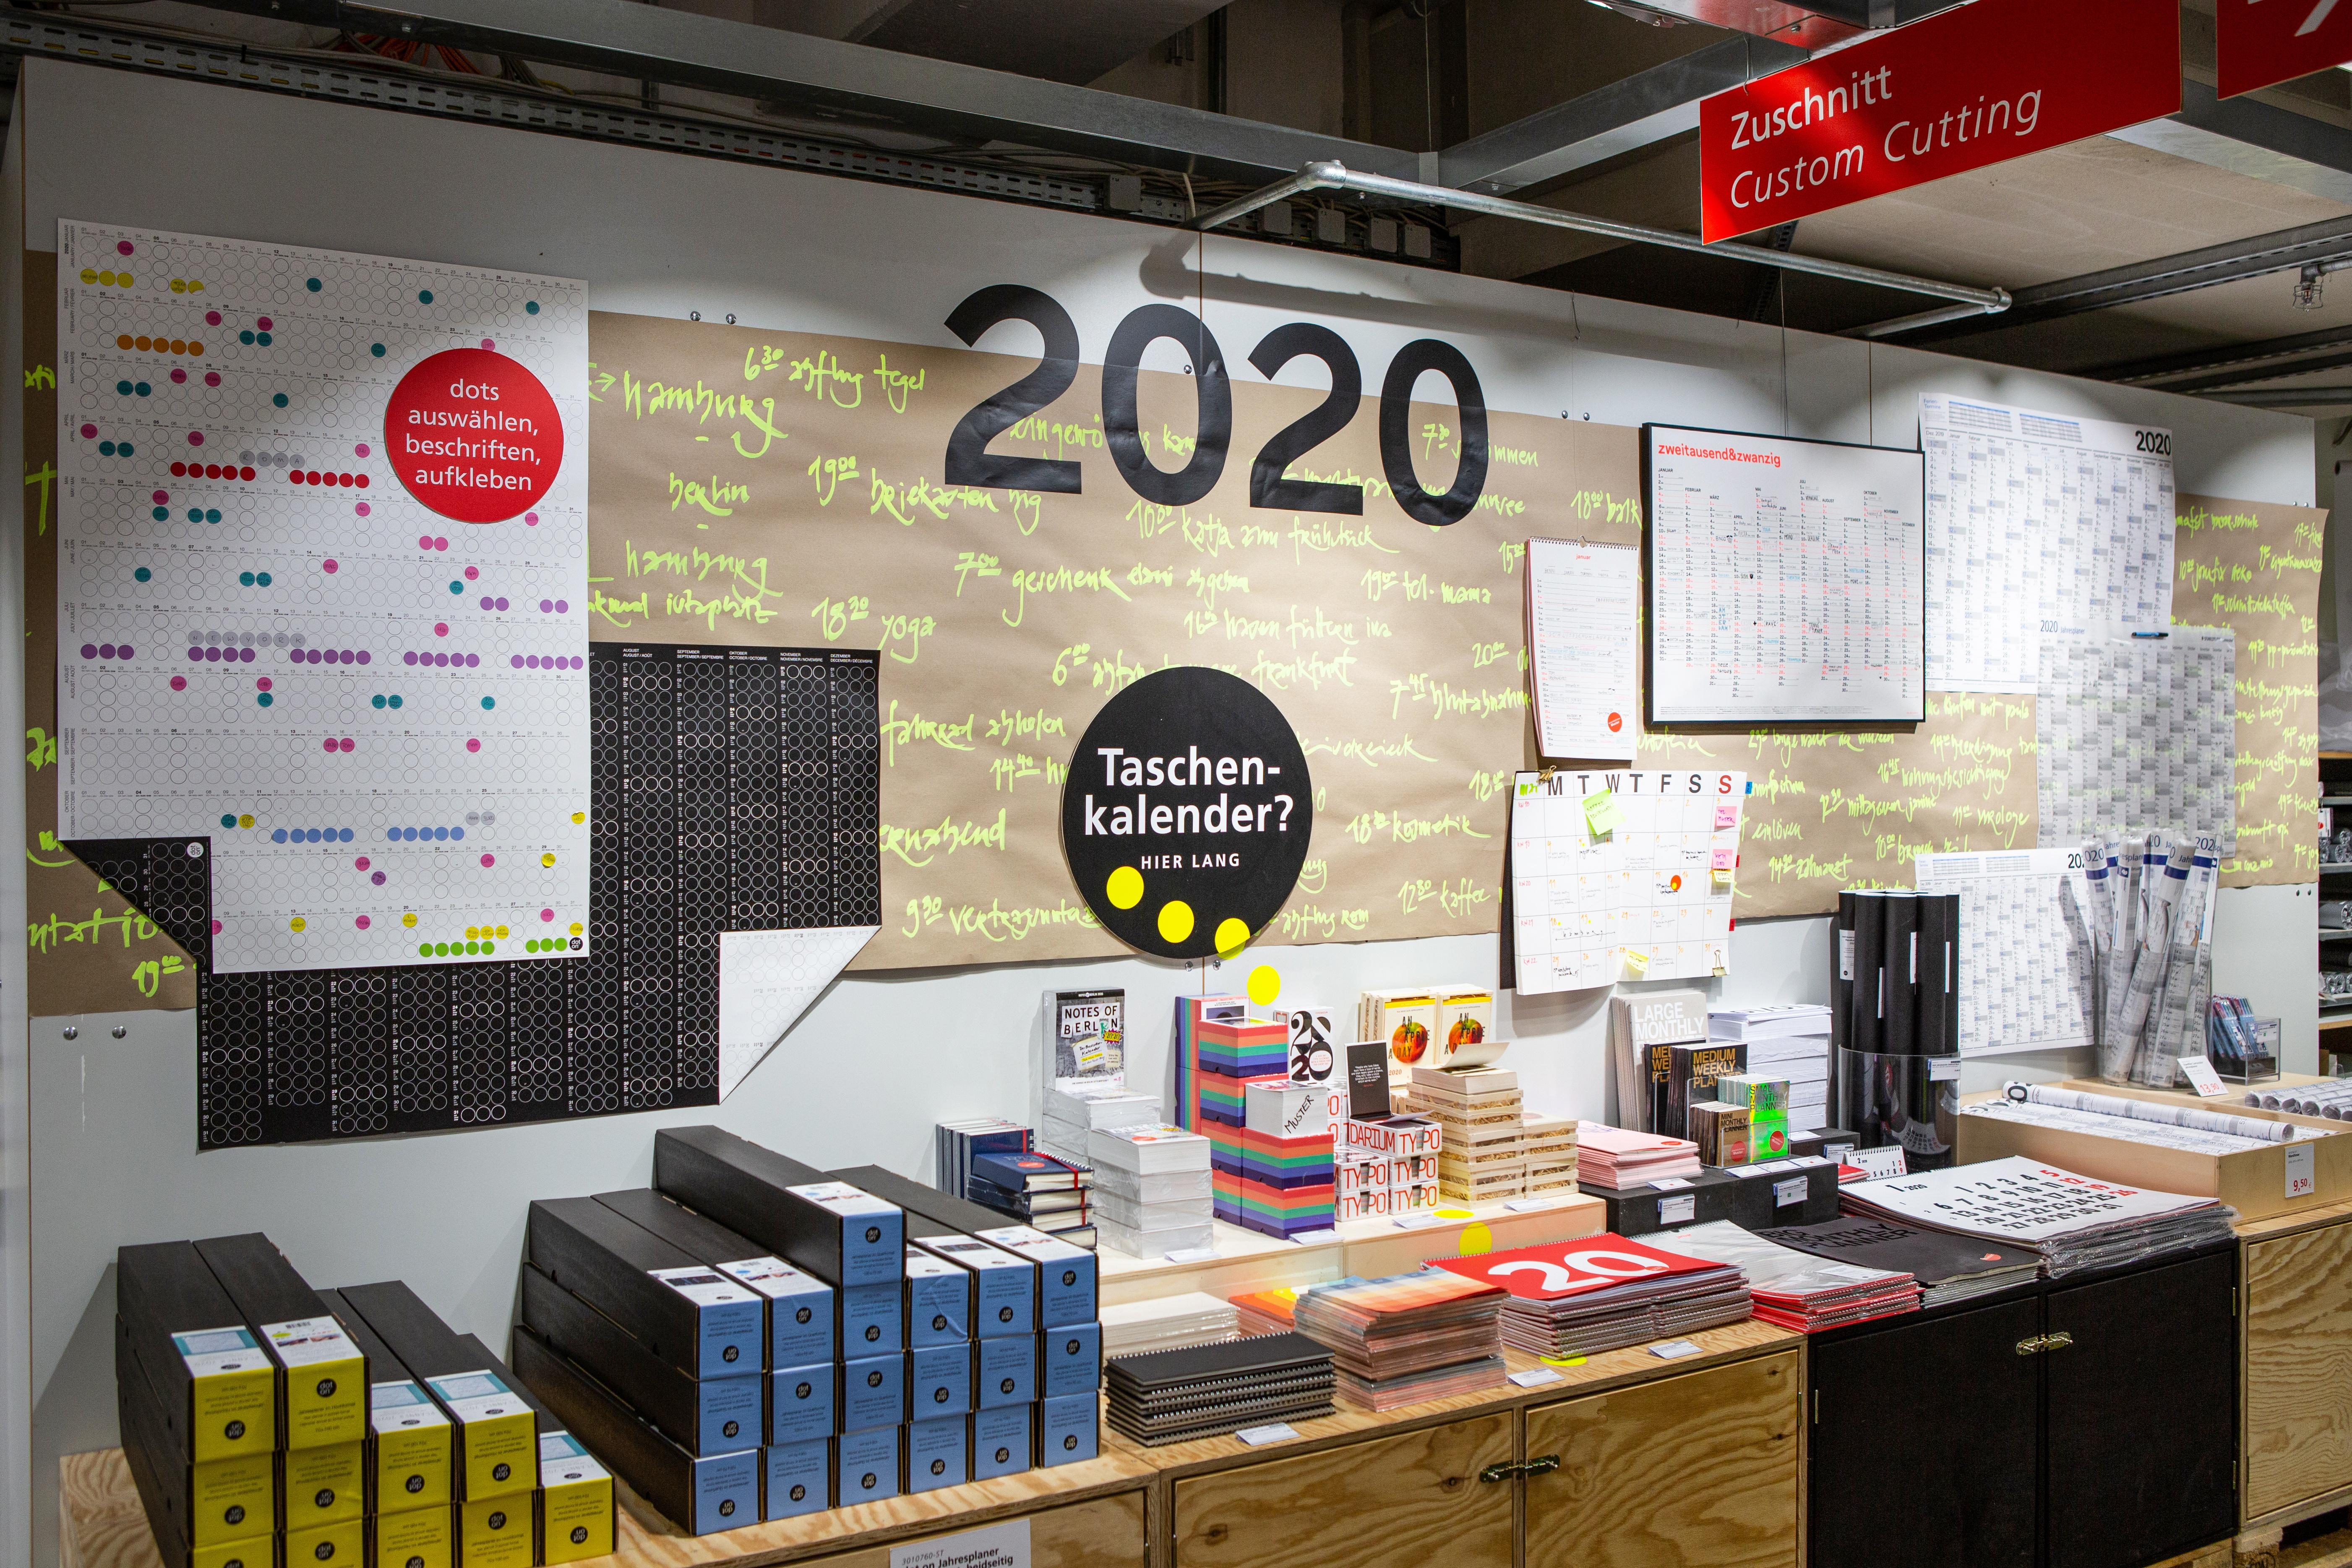 Die Besten Planer und Kalender 2020: Ob für die Wand oder die Hosentasche, bei Modulor findest Du garantiert den richtigen Kalender 2020